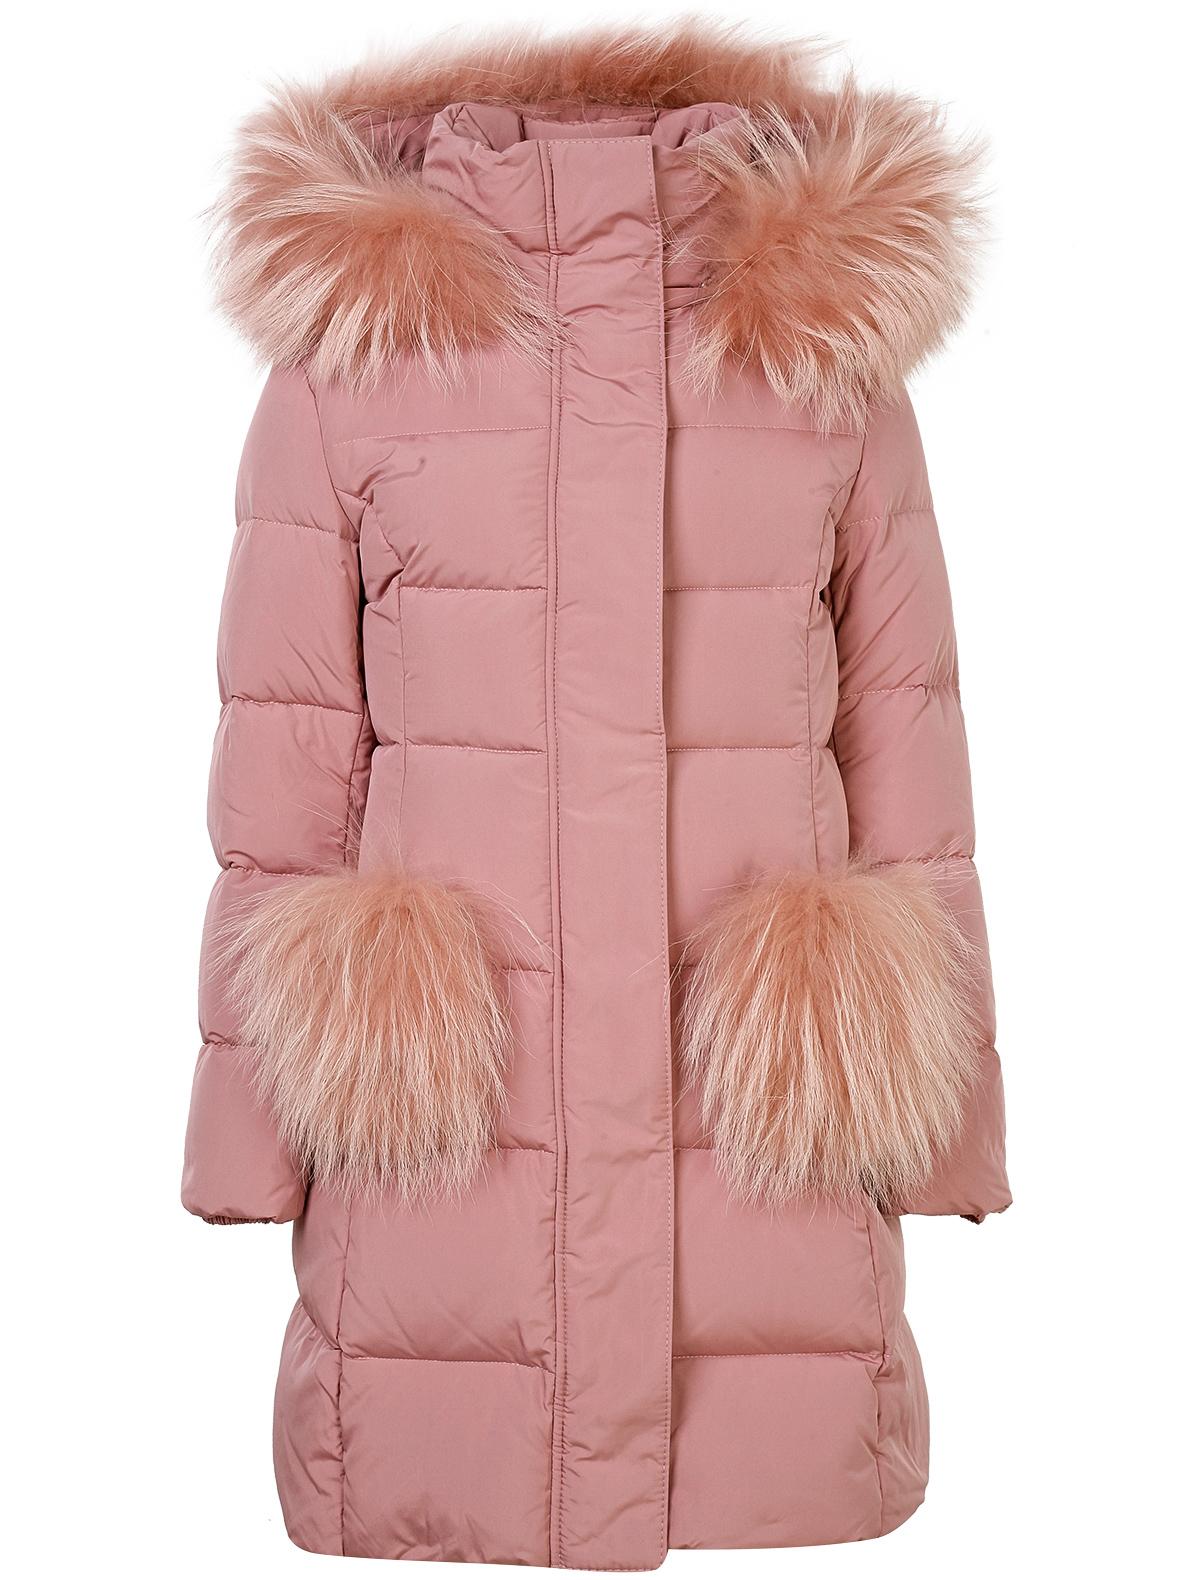 Купить 1880303, Пальто Jums Kids, розовый, Женский, 1122609880162